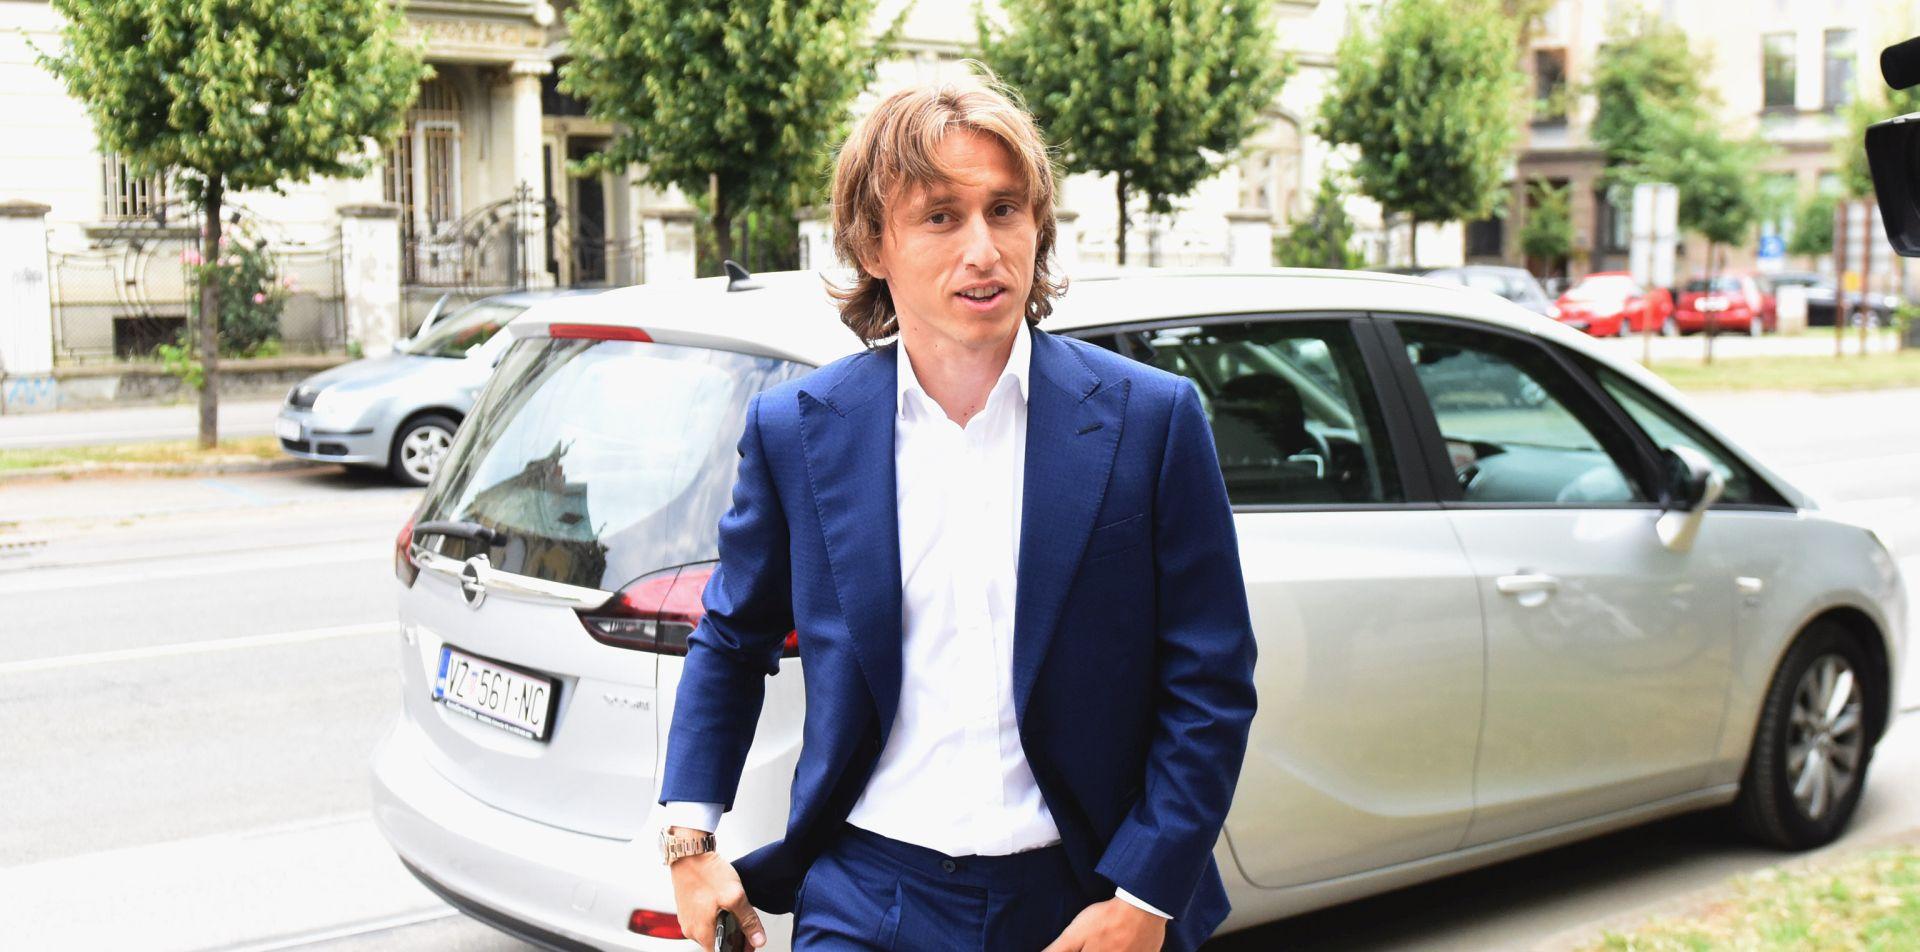 Luka Modrić došao na ispitivanje u osječko Općinsko državno odvjetništvo